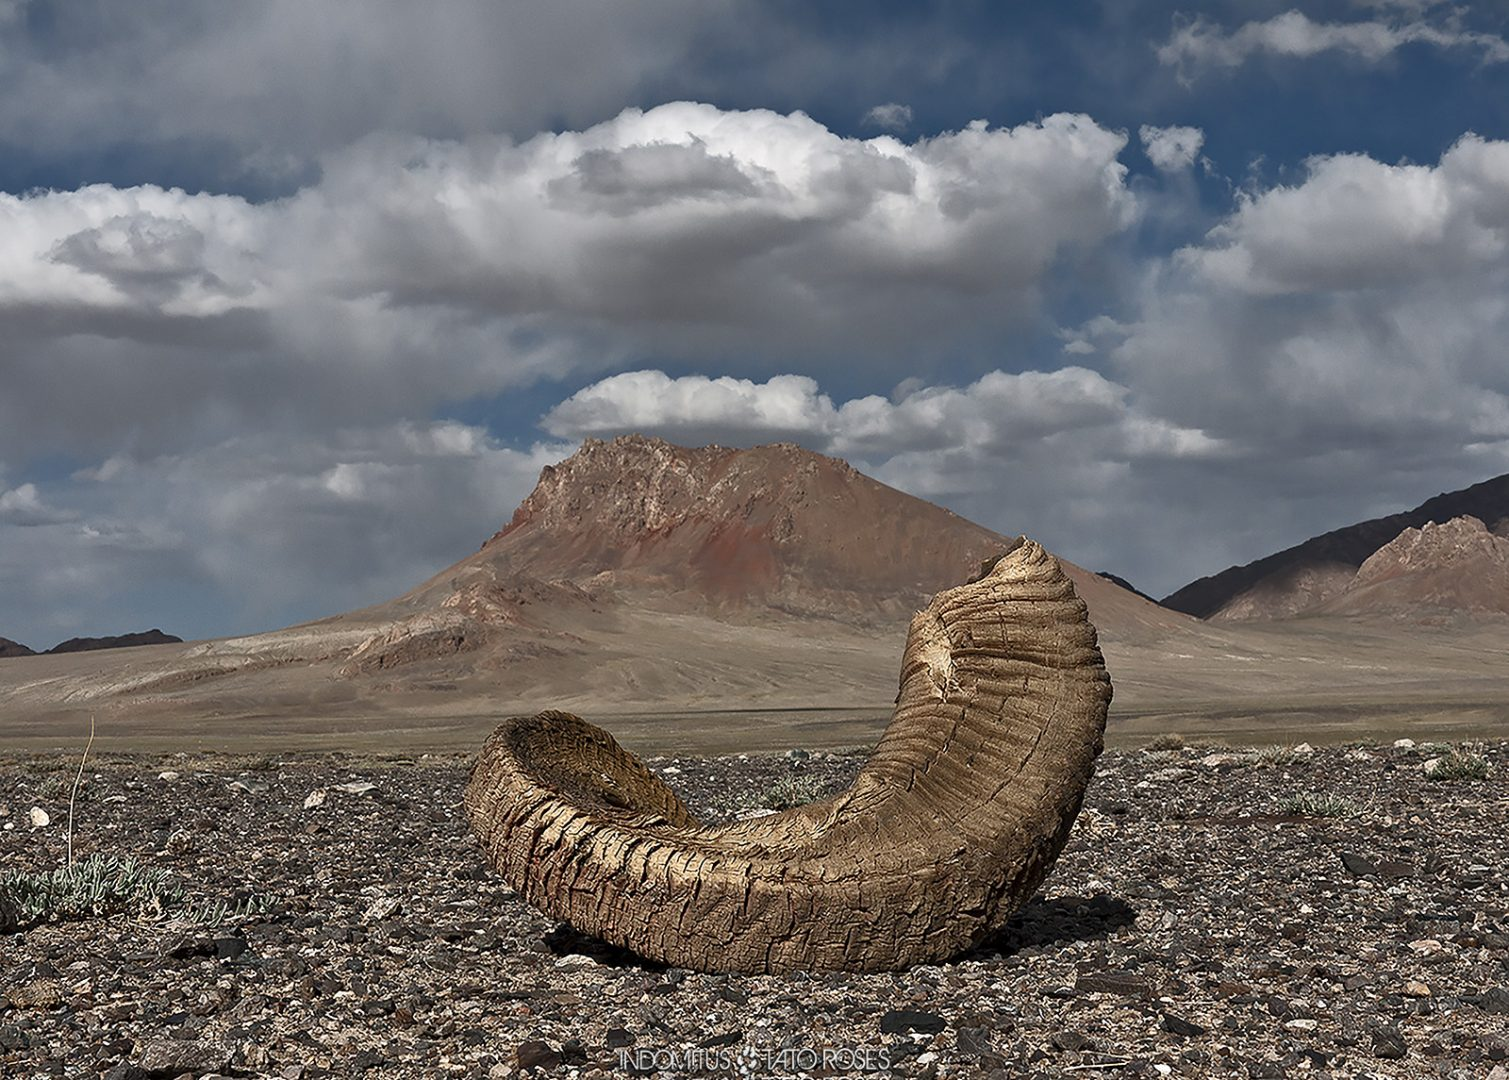 Tayikistán  Indomitus Tato Rosés 23